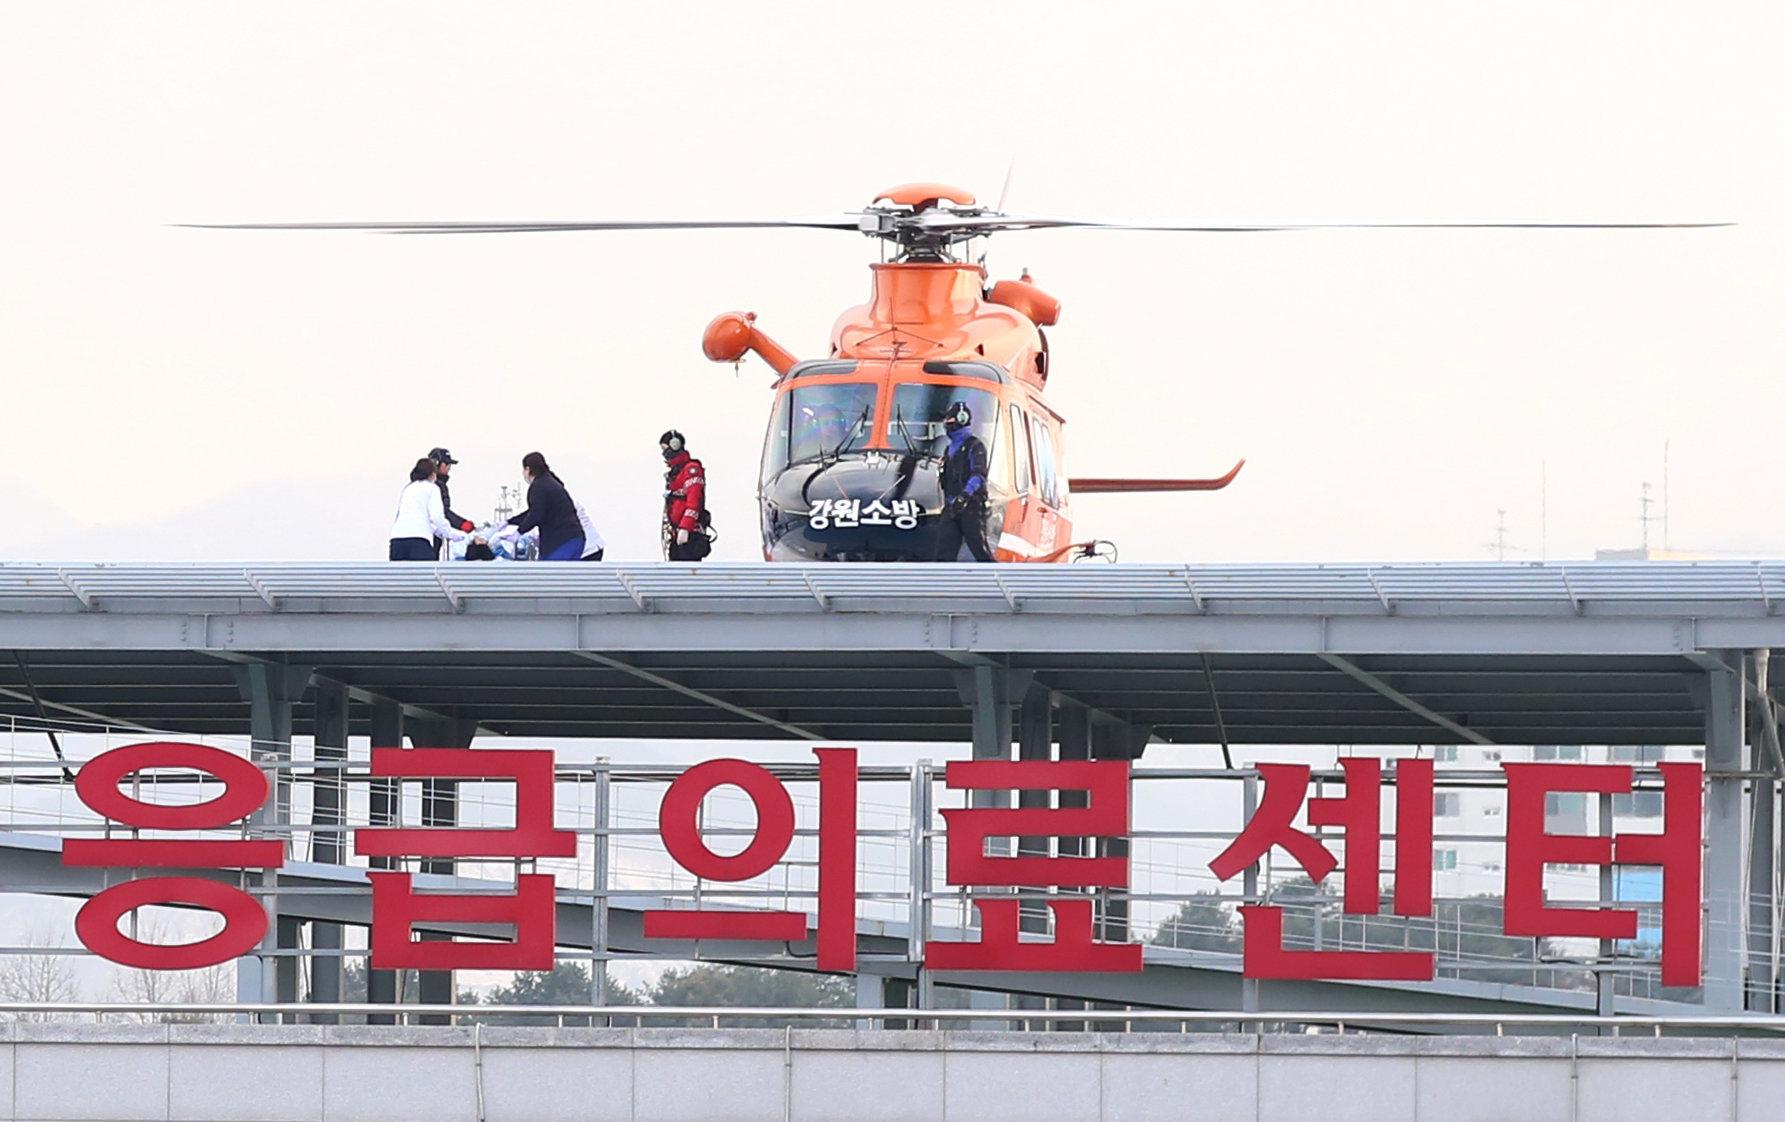 펜션의 참변 : 고3 학생 3명 사망 7명